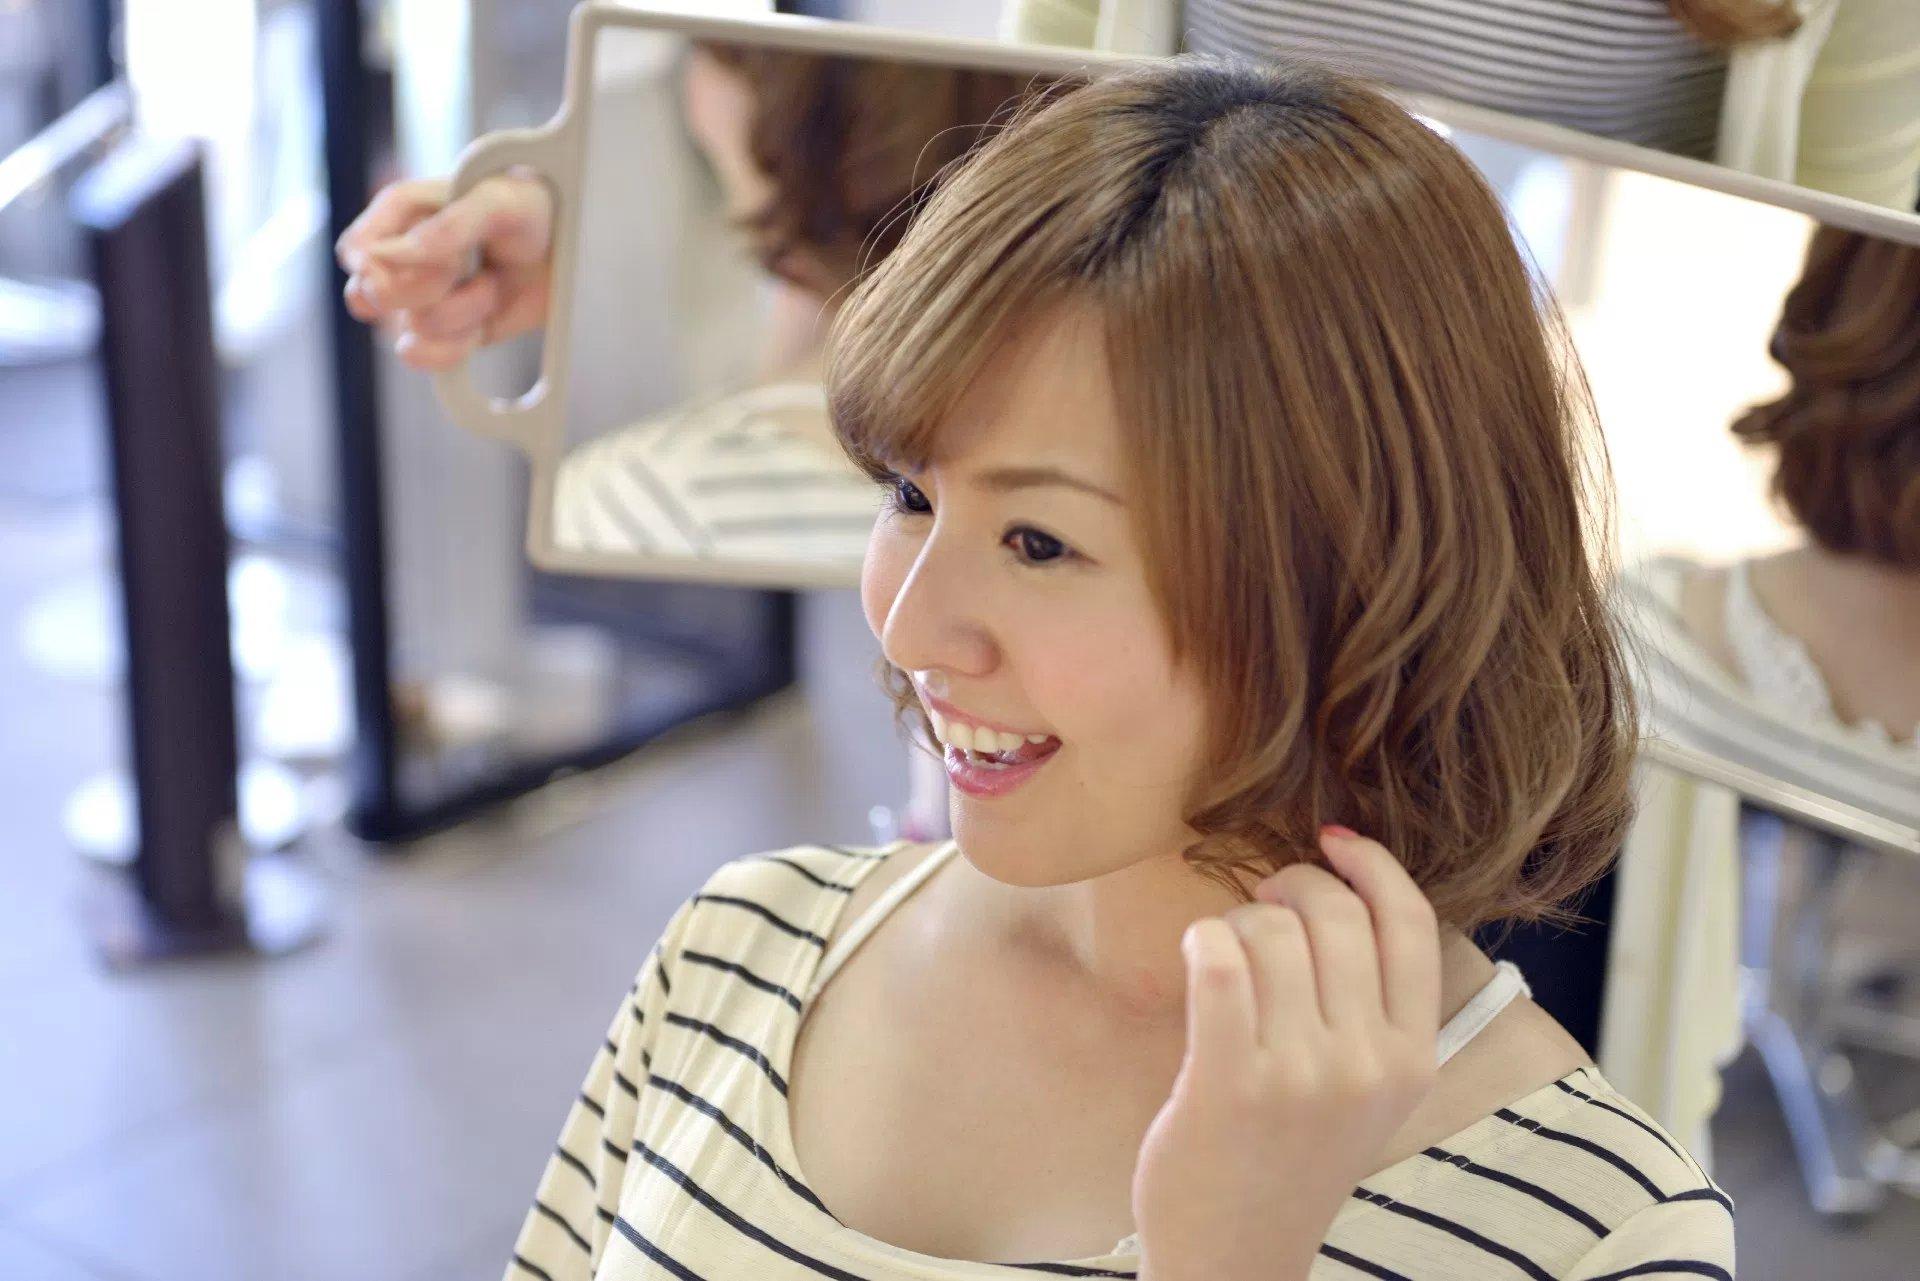 img 5a673fc16e381.png?resize=1200,630 - 日本人から見るとちょっと違和感!?韓国で流行中の髪型とは